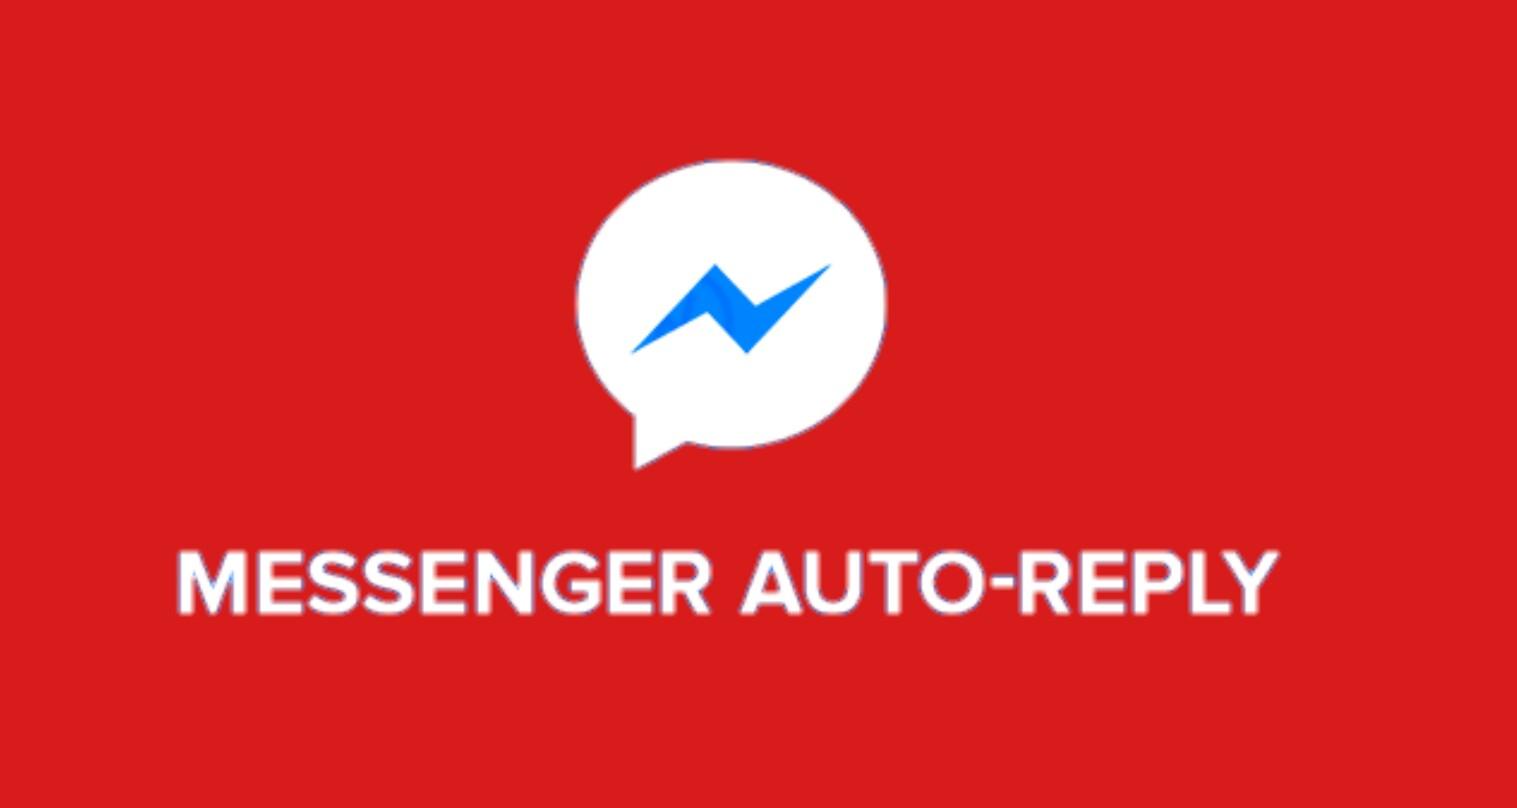 এখন আপনি Busy থাকলে ও  Facebook এ কেউ Messege দিলে Auto Reply চলে যাবে তার কাছে( FB messenger Auto reply ) + HD Screenshot